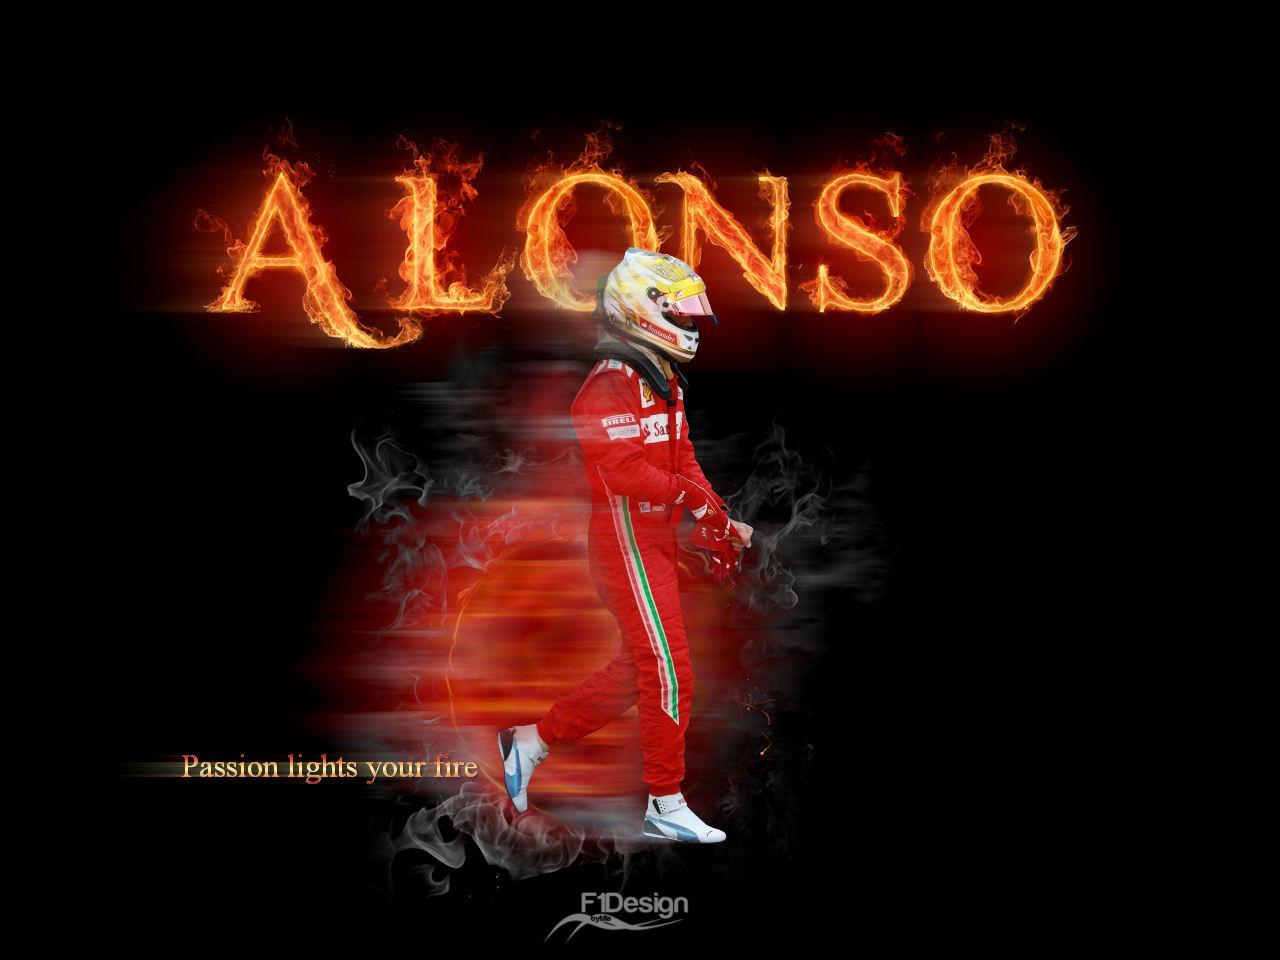 Фернандо Алонсо на Гран-при Монако 2012 - арт MiaF1Design